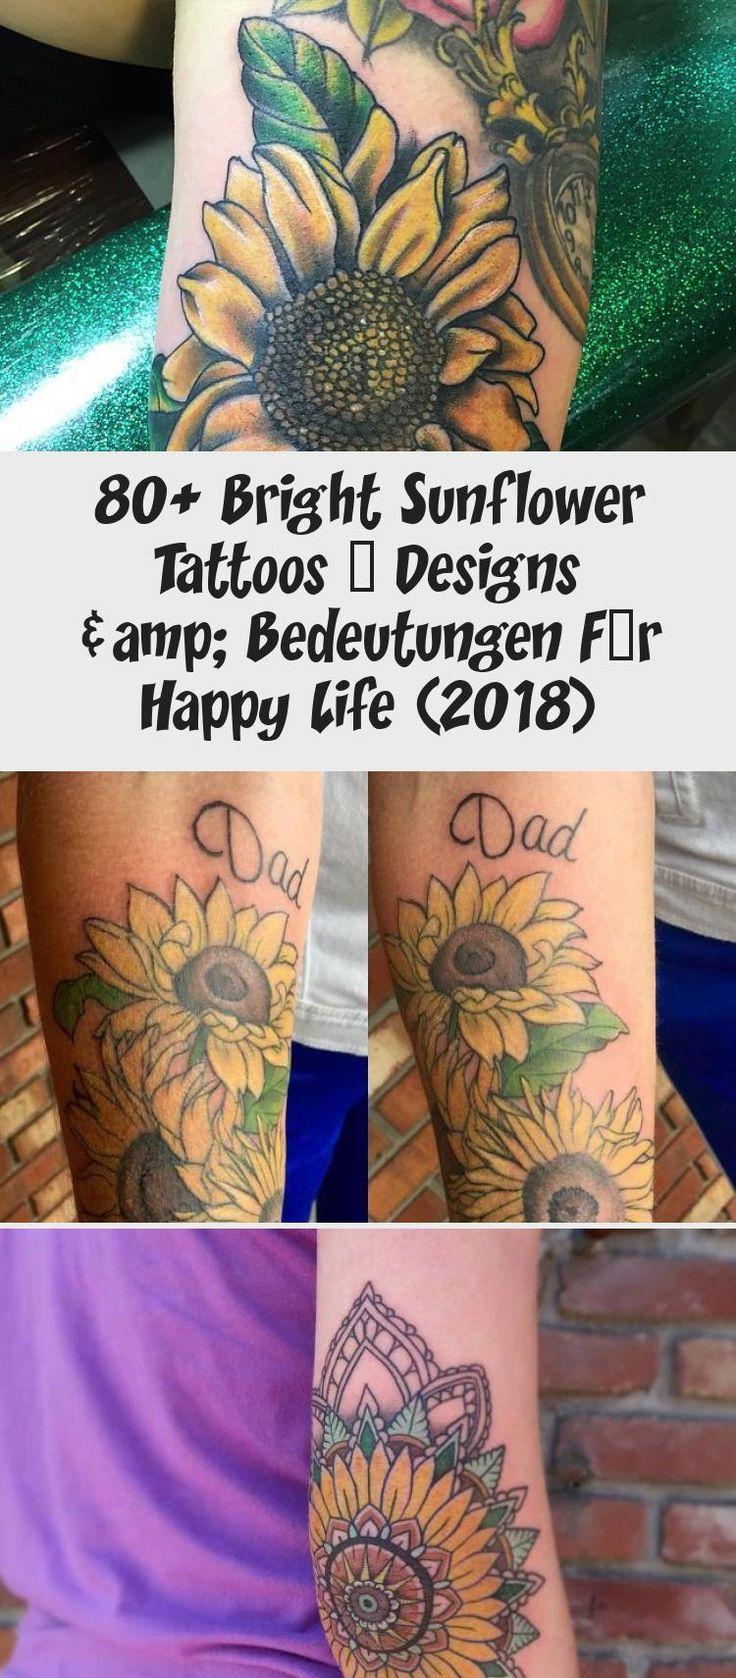 80+ Bright Sunflower Tattoos Designs & Bedeutungen Für